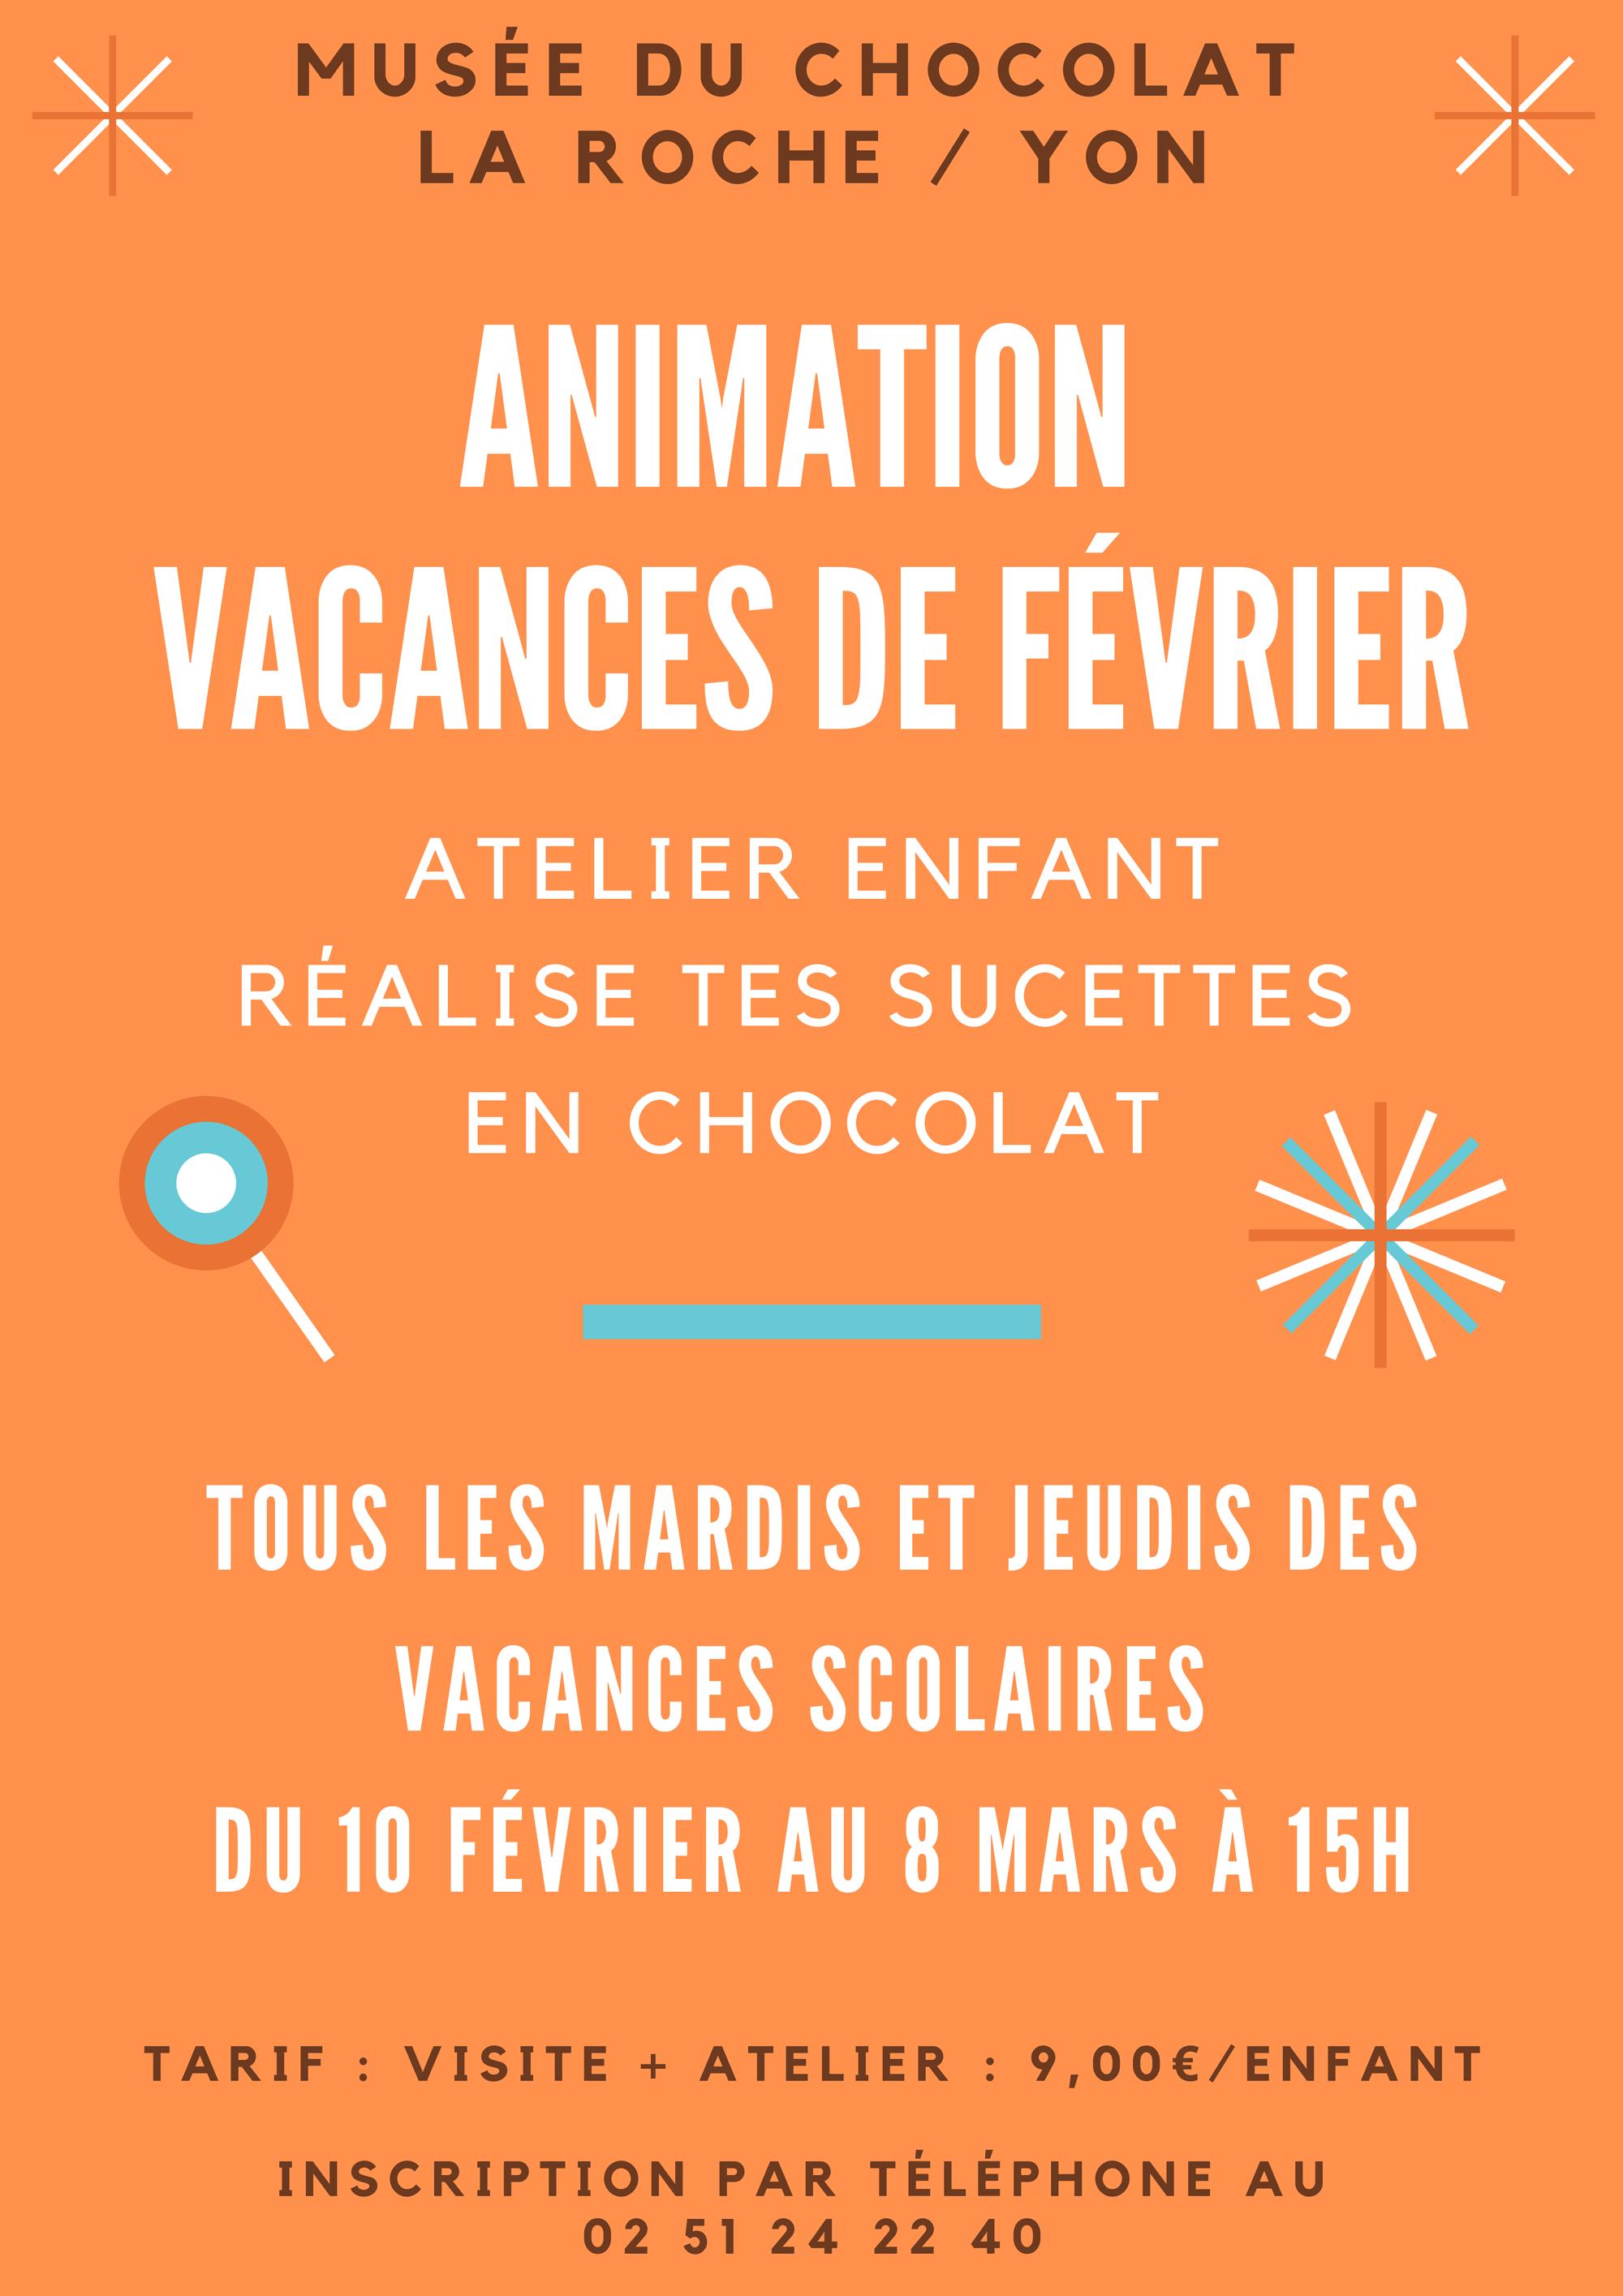 """Atelier, vacances de février 2020, au musée du chocolat  """" Fabrique tes sucettes"""" pour les enfants de 6 à 12 ans. La Roche sur Yon, Vendée"""